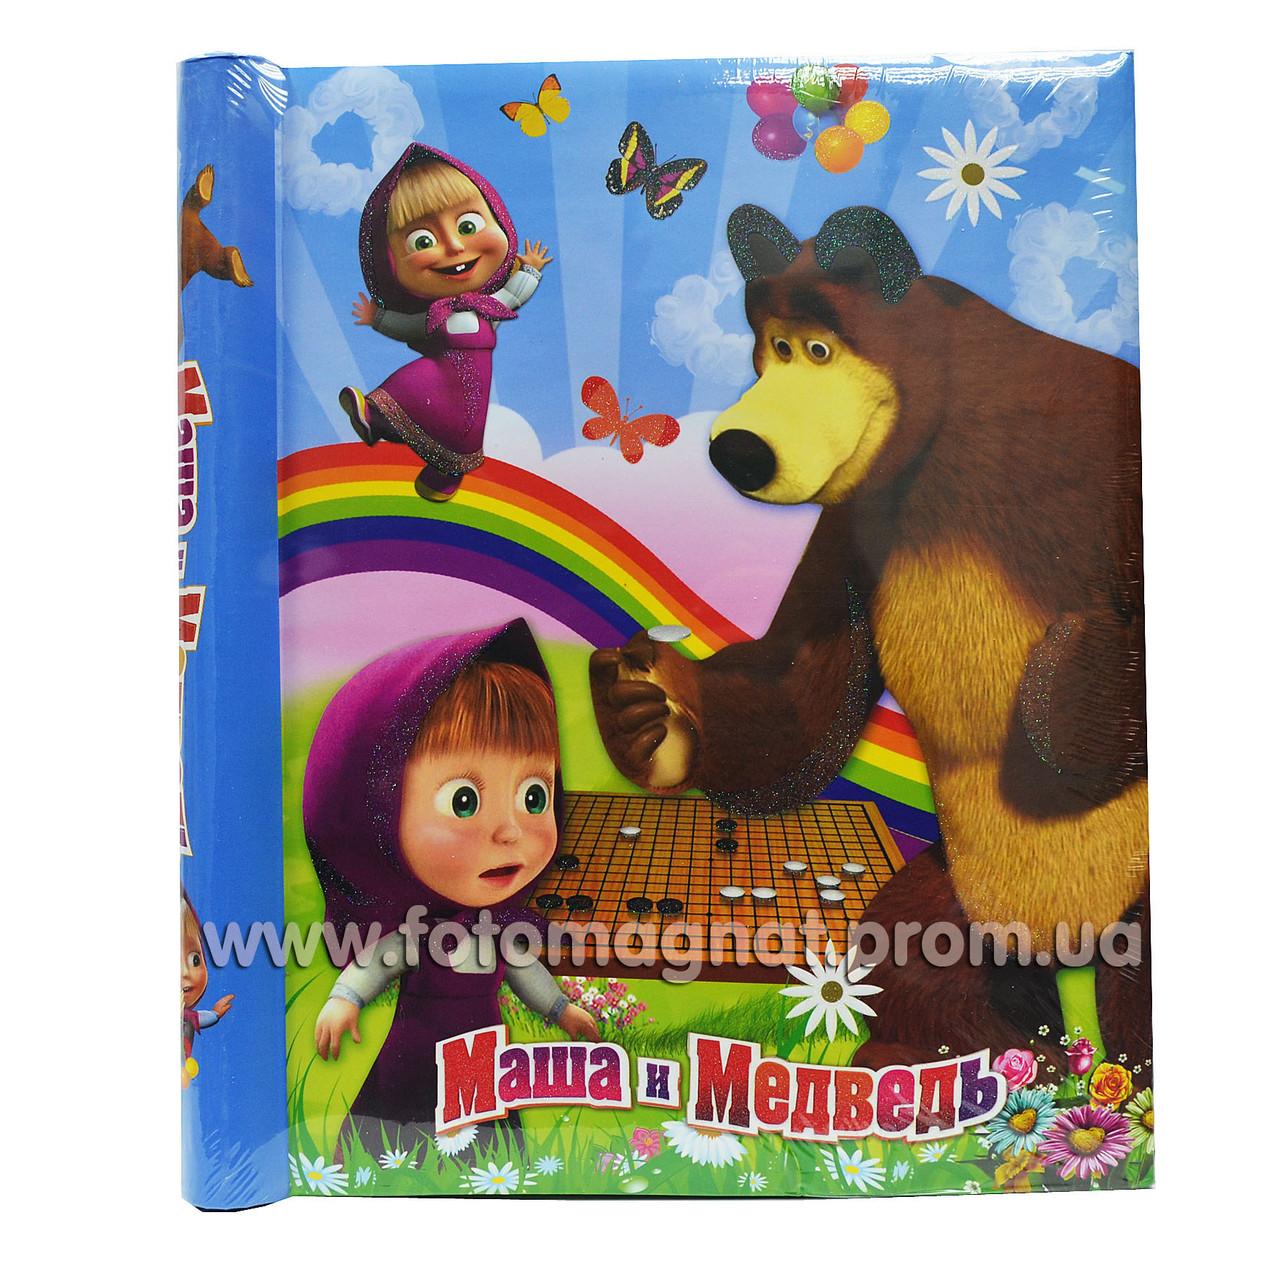 Фотоальбом Маша и медведь (детский альбом) 20 м/листов